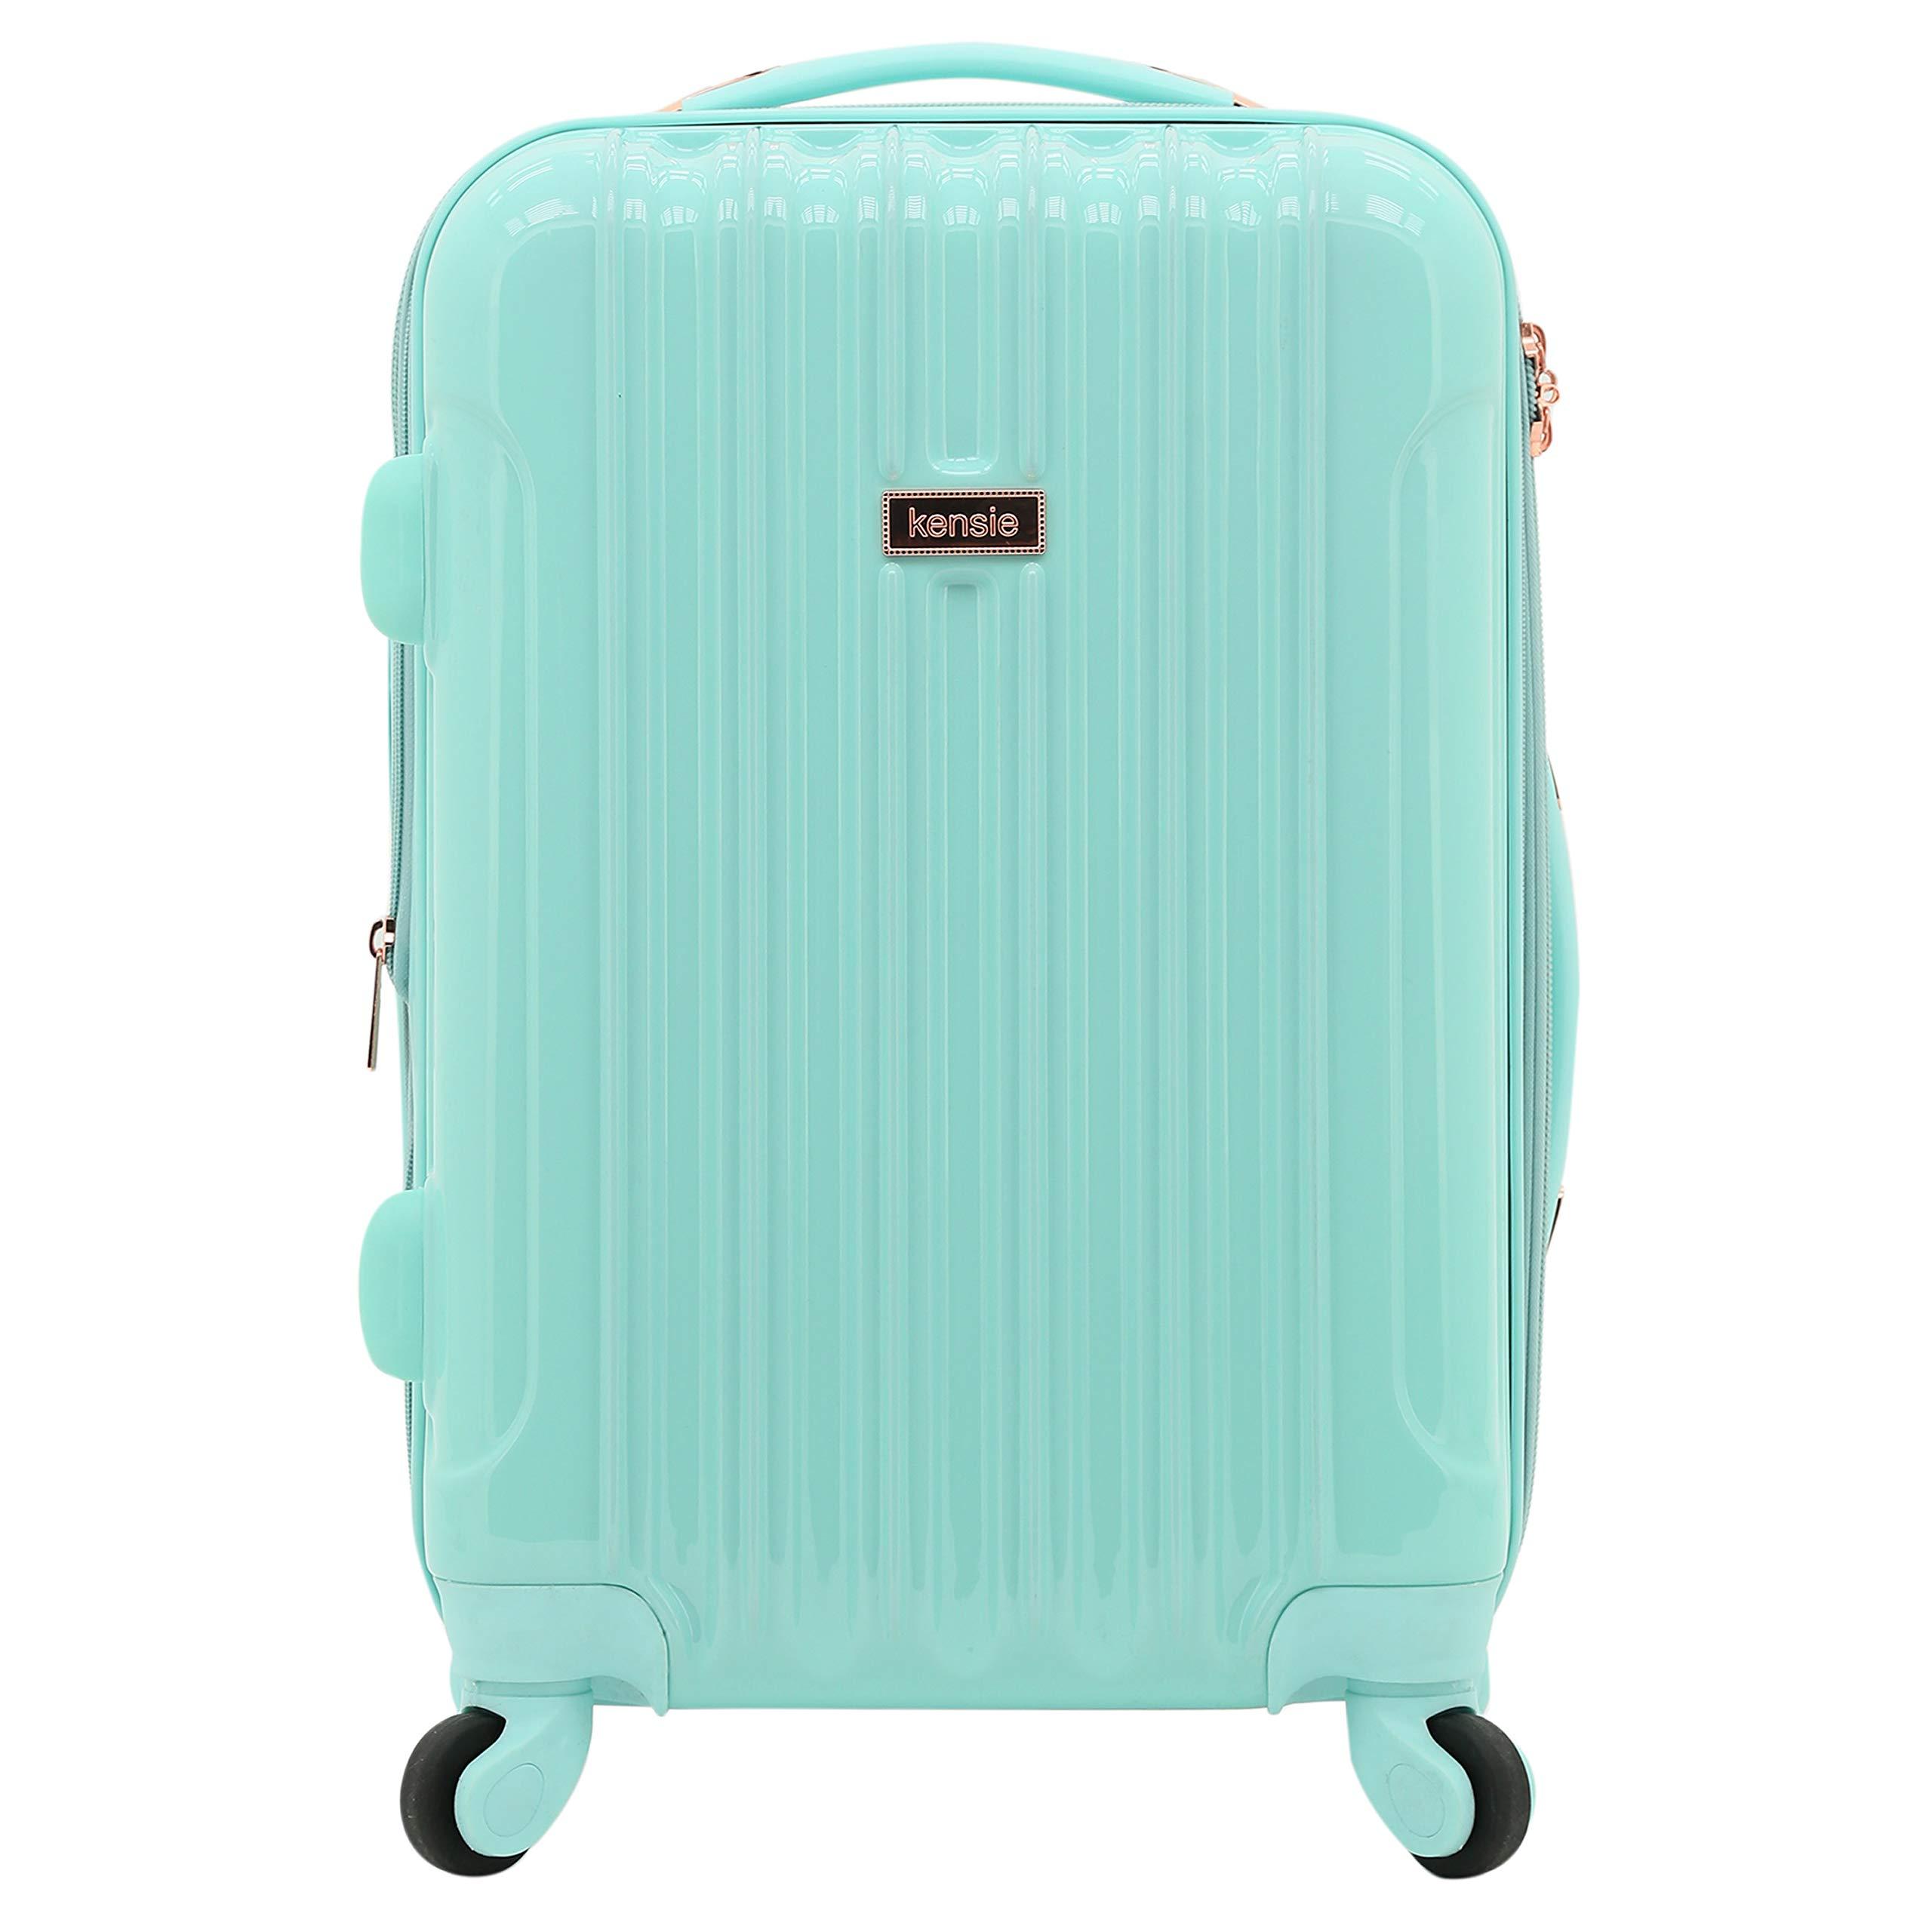 kensie Carry TSA Lock Spinner Luggage